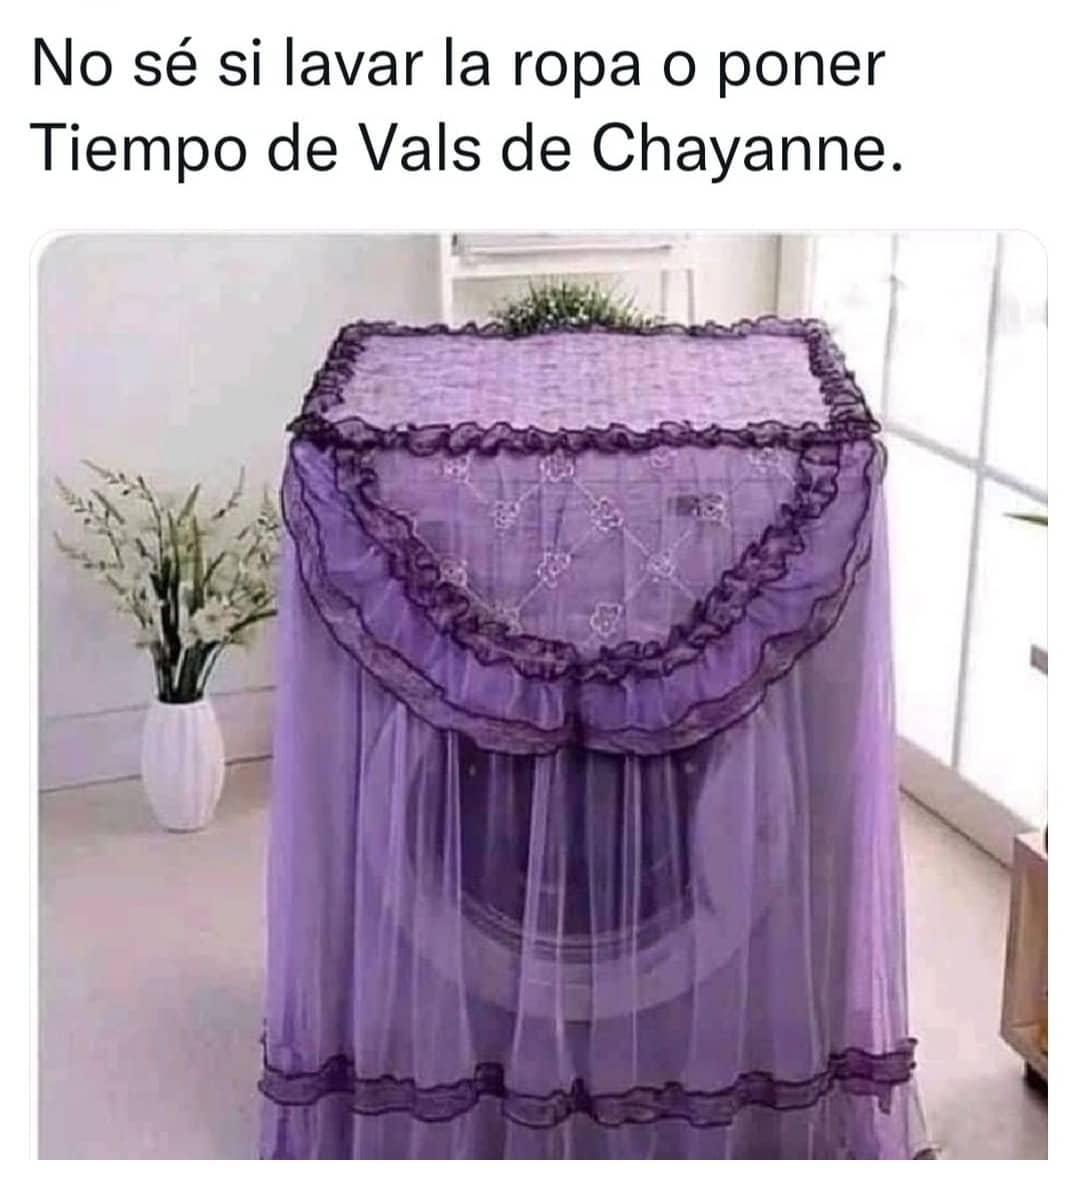 No sé si lavar la ropa o poner Tiempo de Vals de Chayanne.